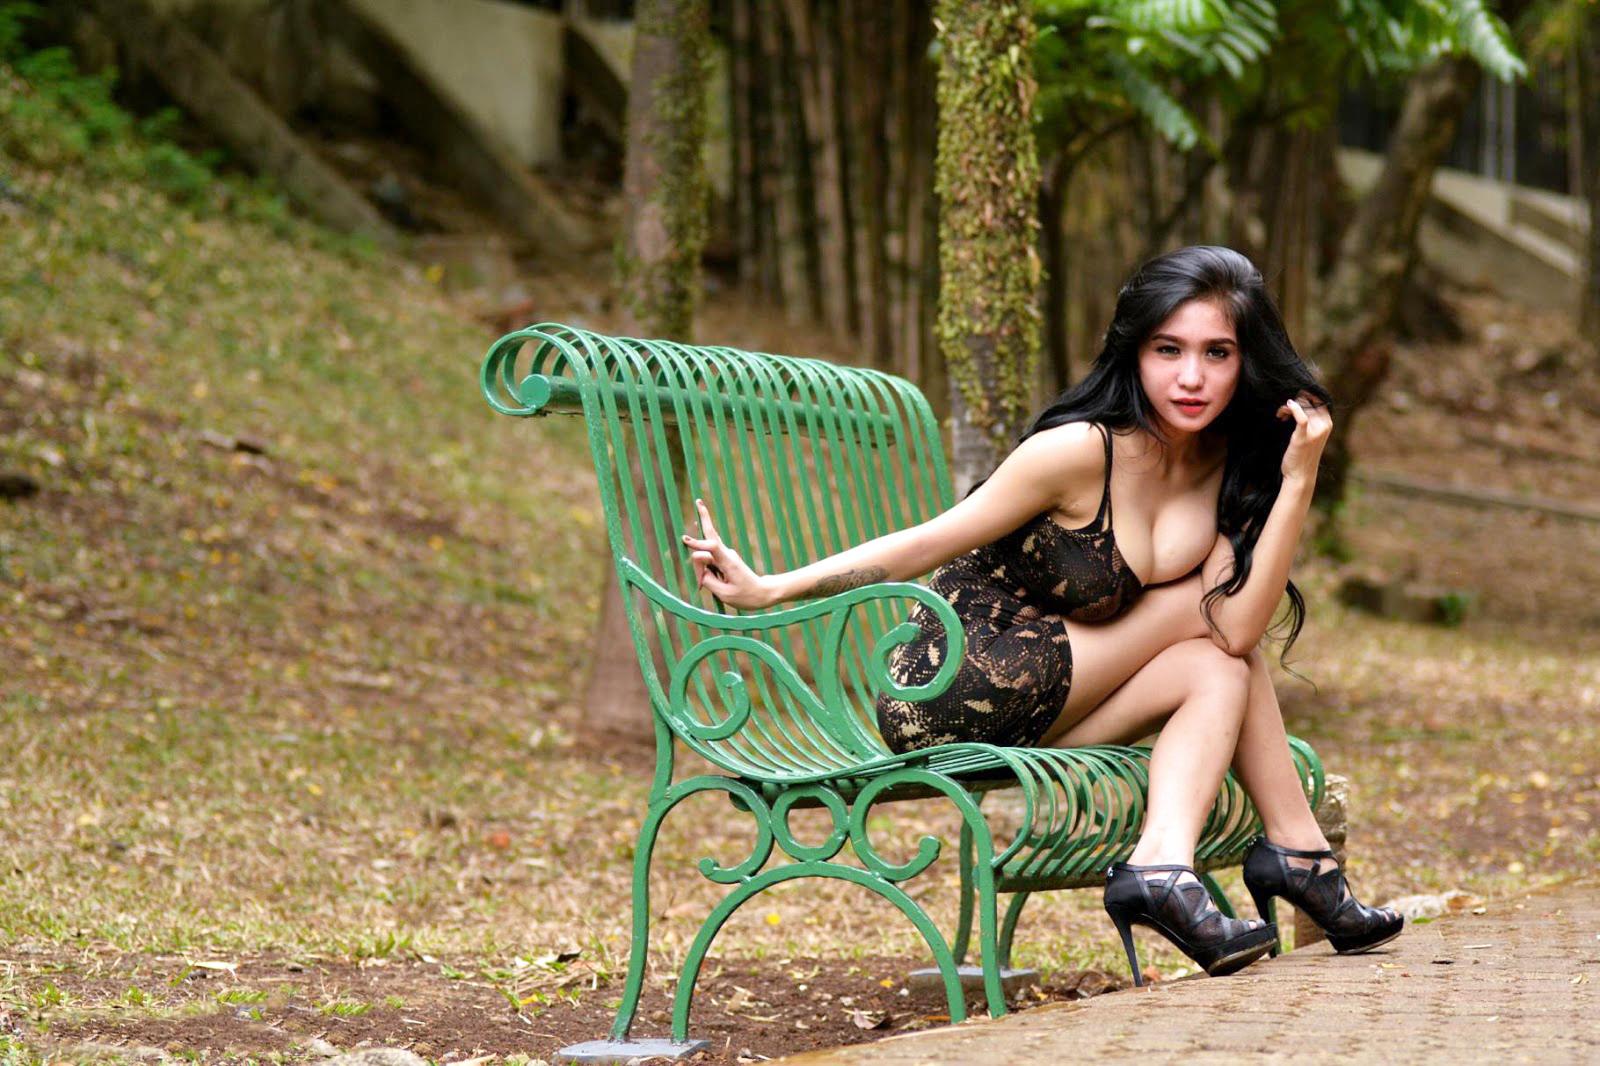 Foto Terbaru Artis pemain FTV Cewek IGO peremupan Cantik Bibie Julius Aka Nadia Ervina biography